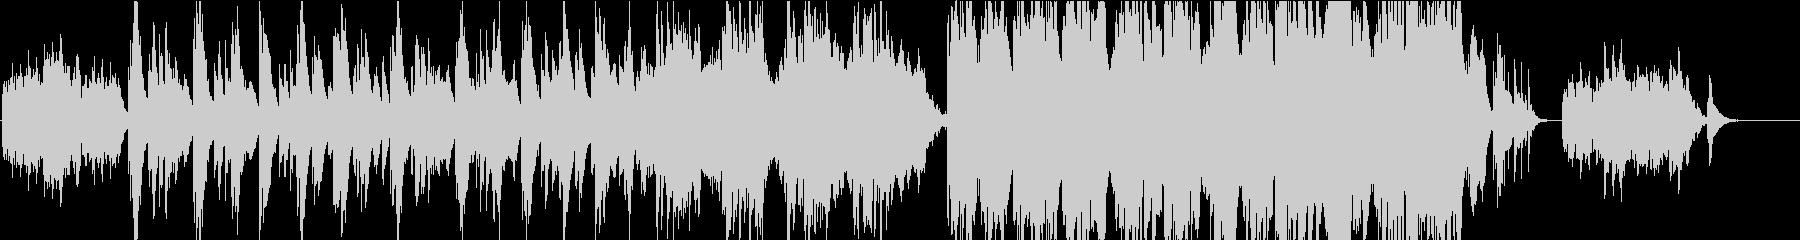 優しく穏やかなピアノソロ曲を結婚式に10の未再生の波形